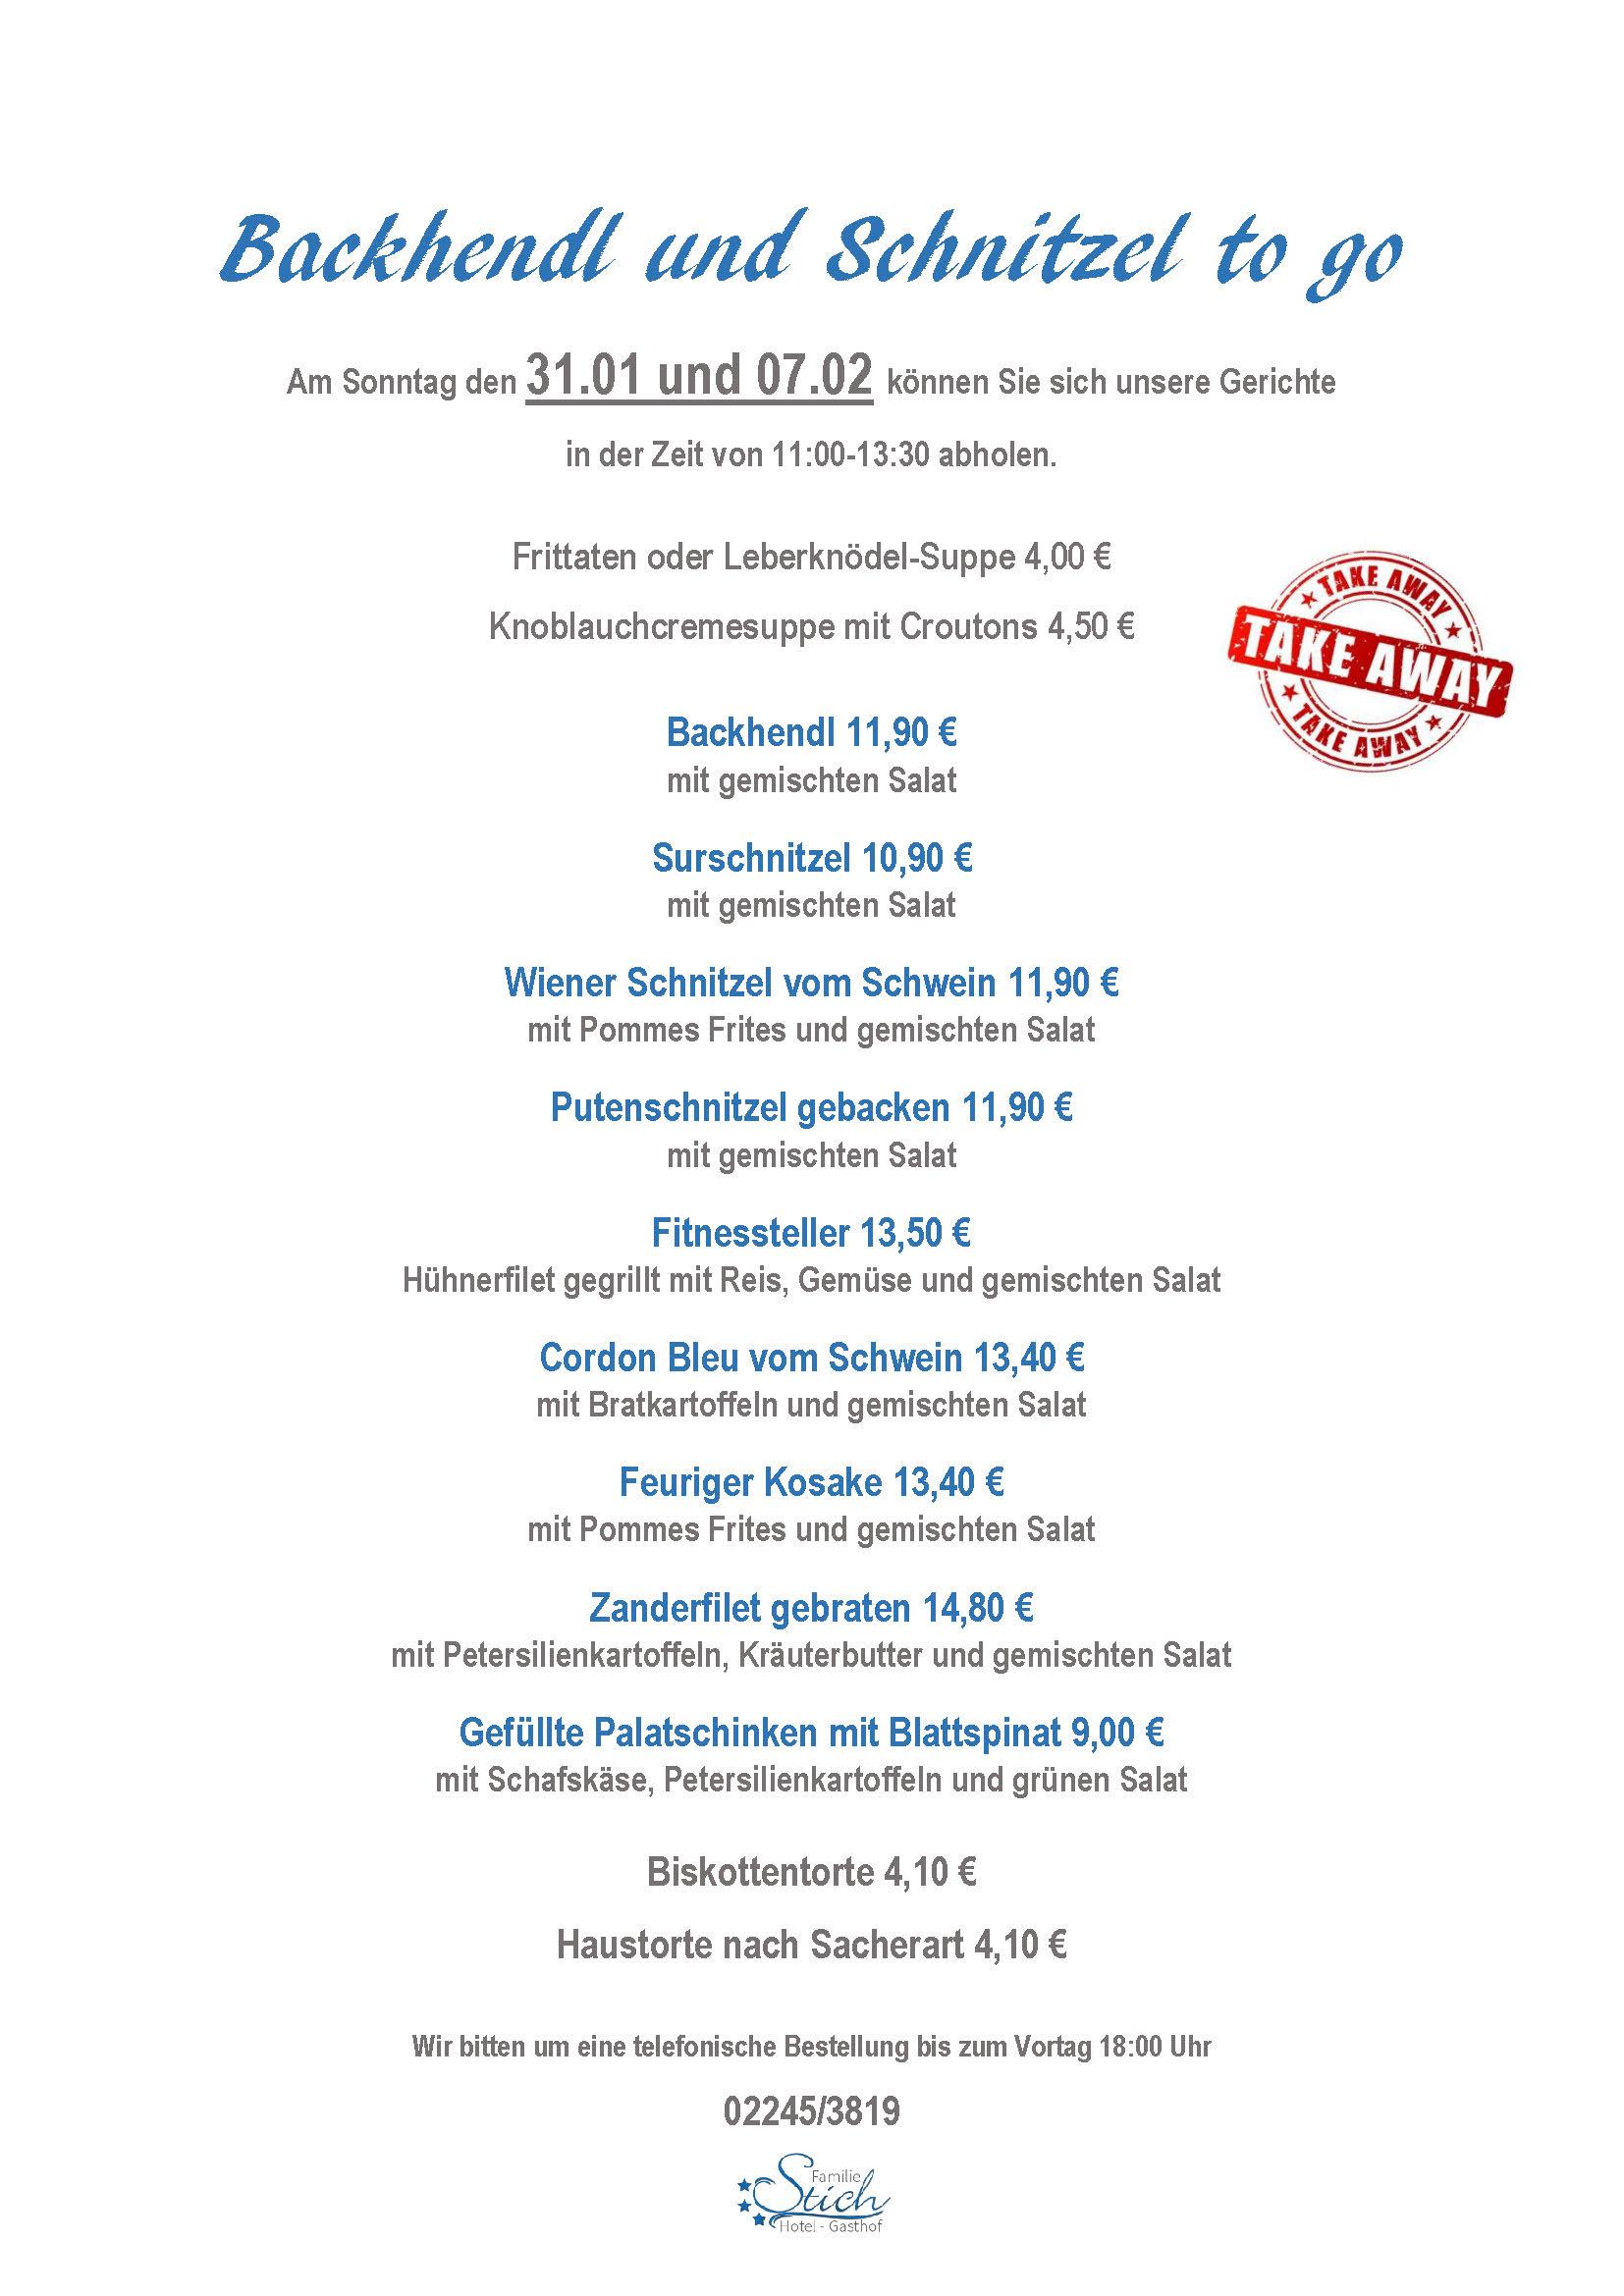 schnitzel Backhendl to go